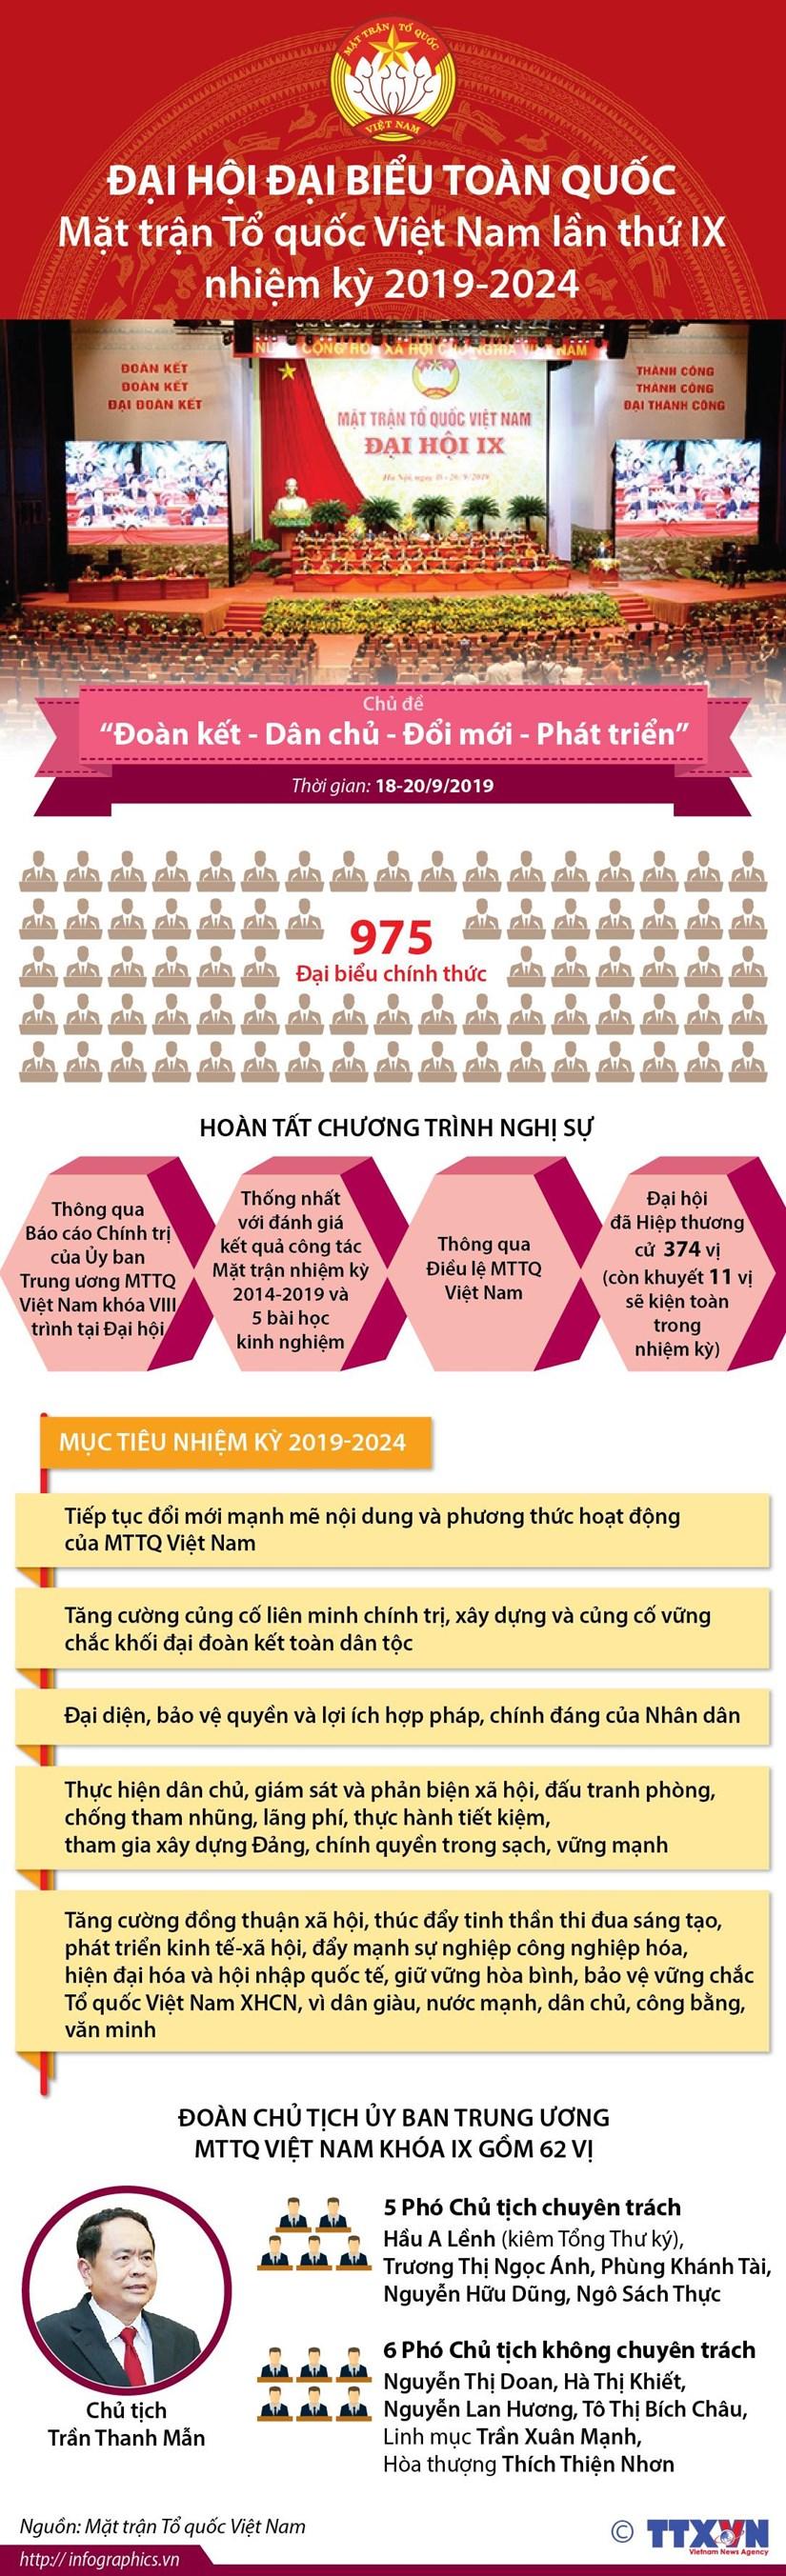 [Infographics] Dai hoi toan quoc Mat tran To quoc Viet Nam lan thu IX hinh anh 1